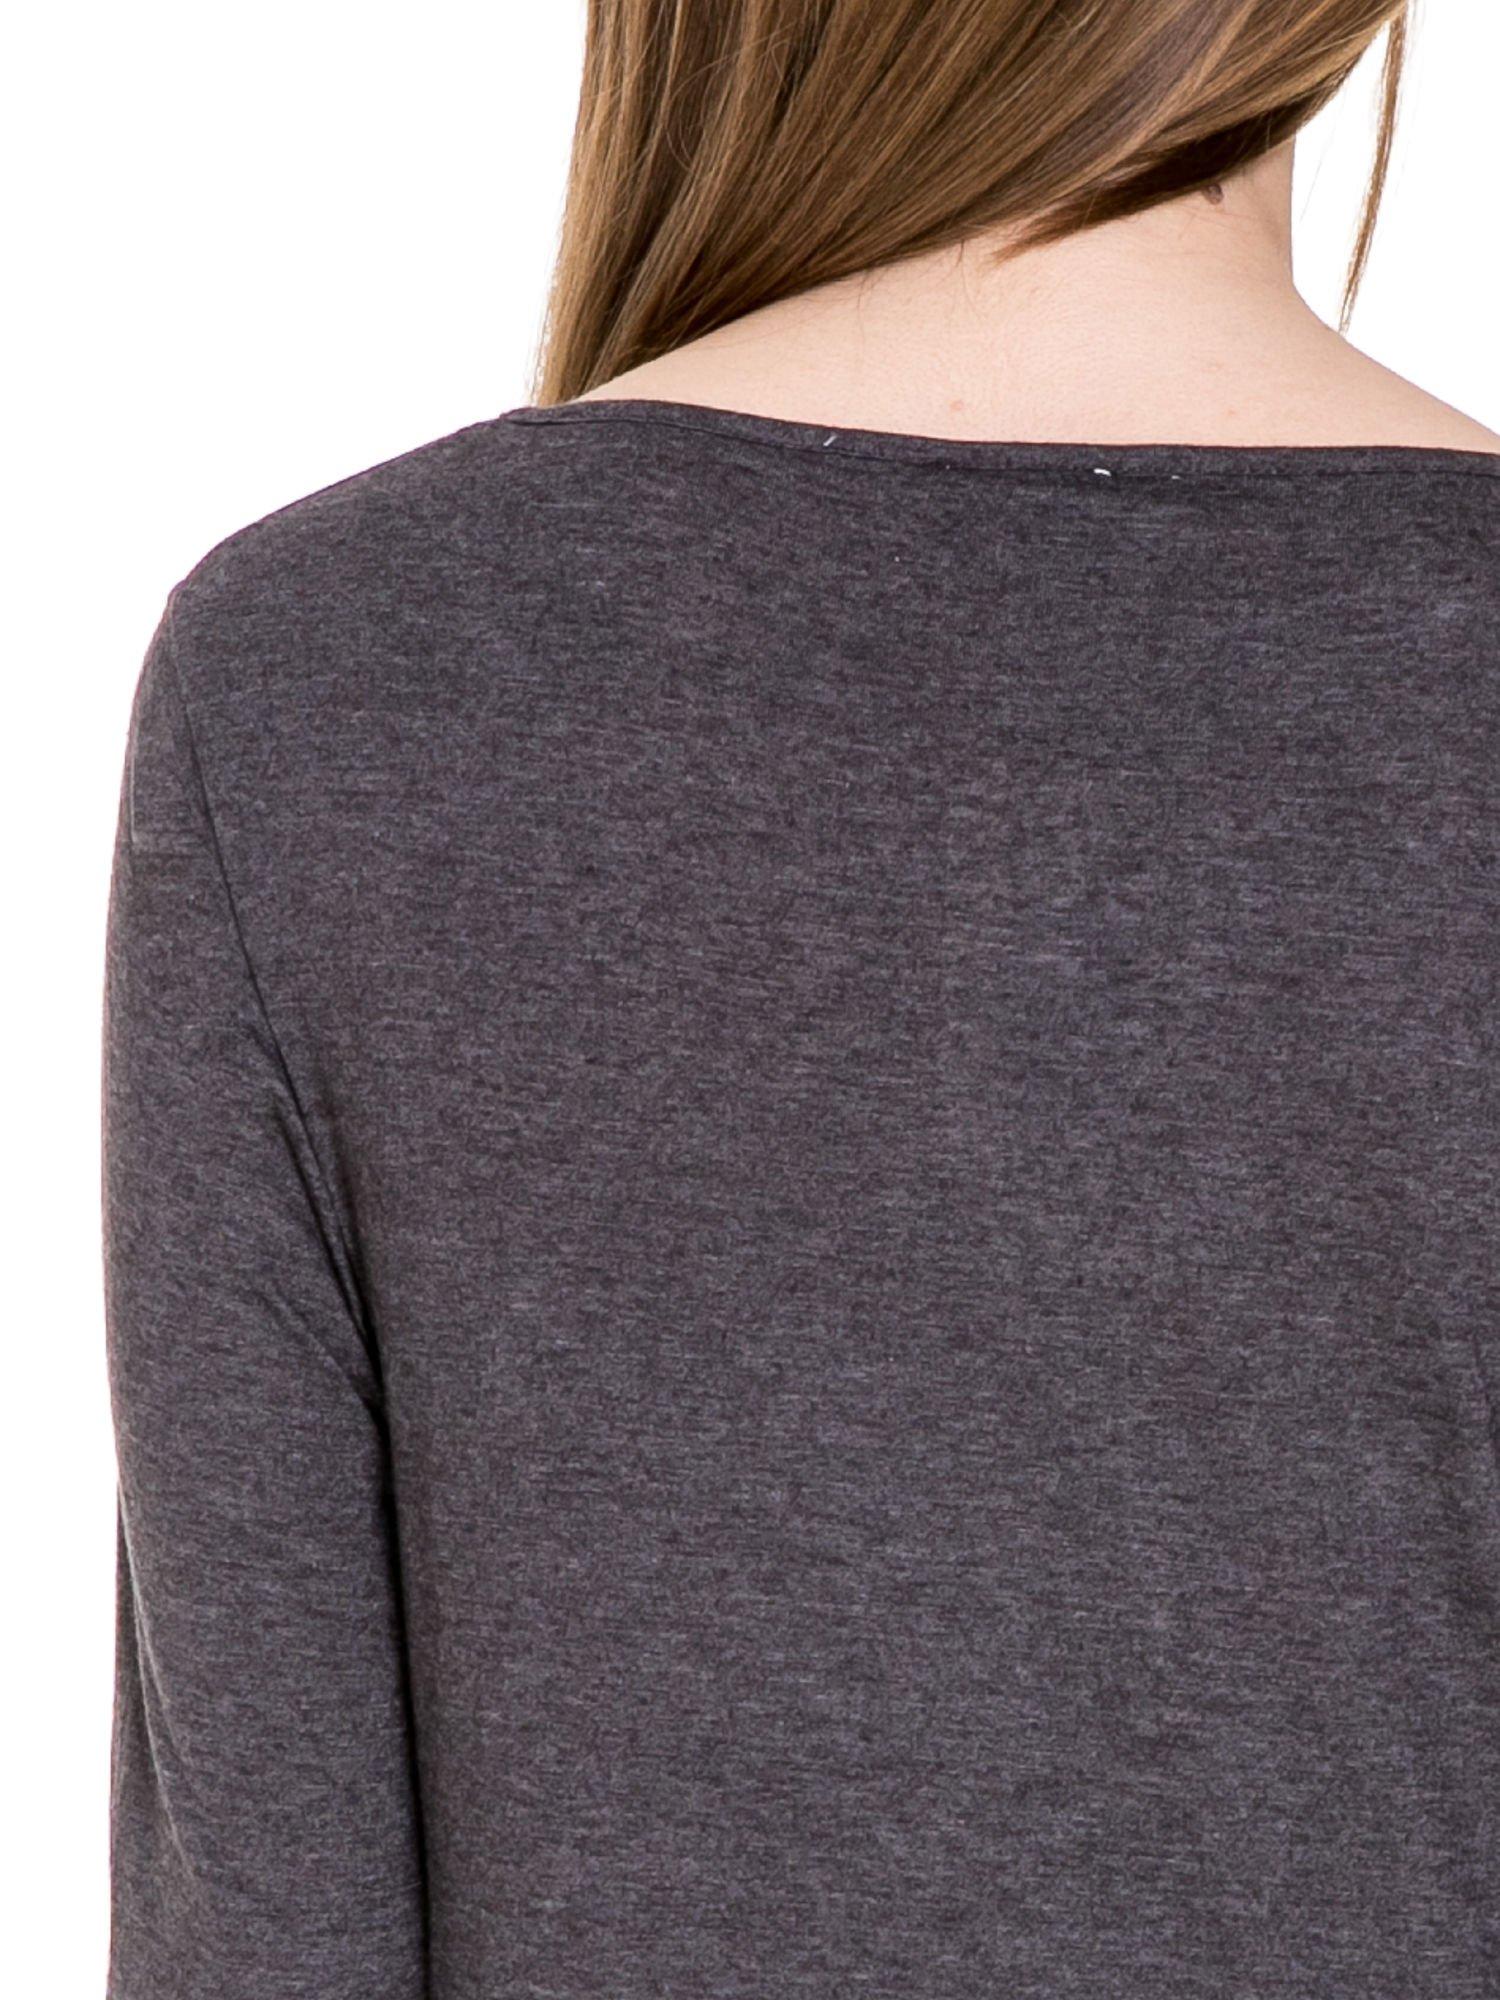 Czarna melanżowa bluzka z dłuższym tyłem                                  zdj.                                  7